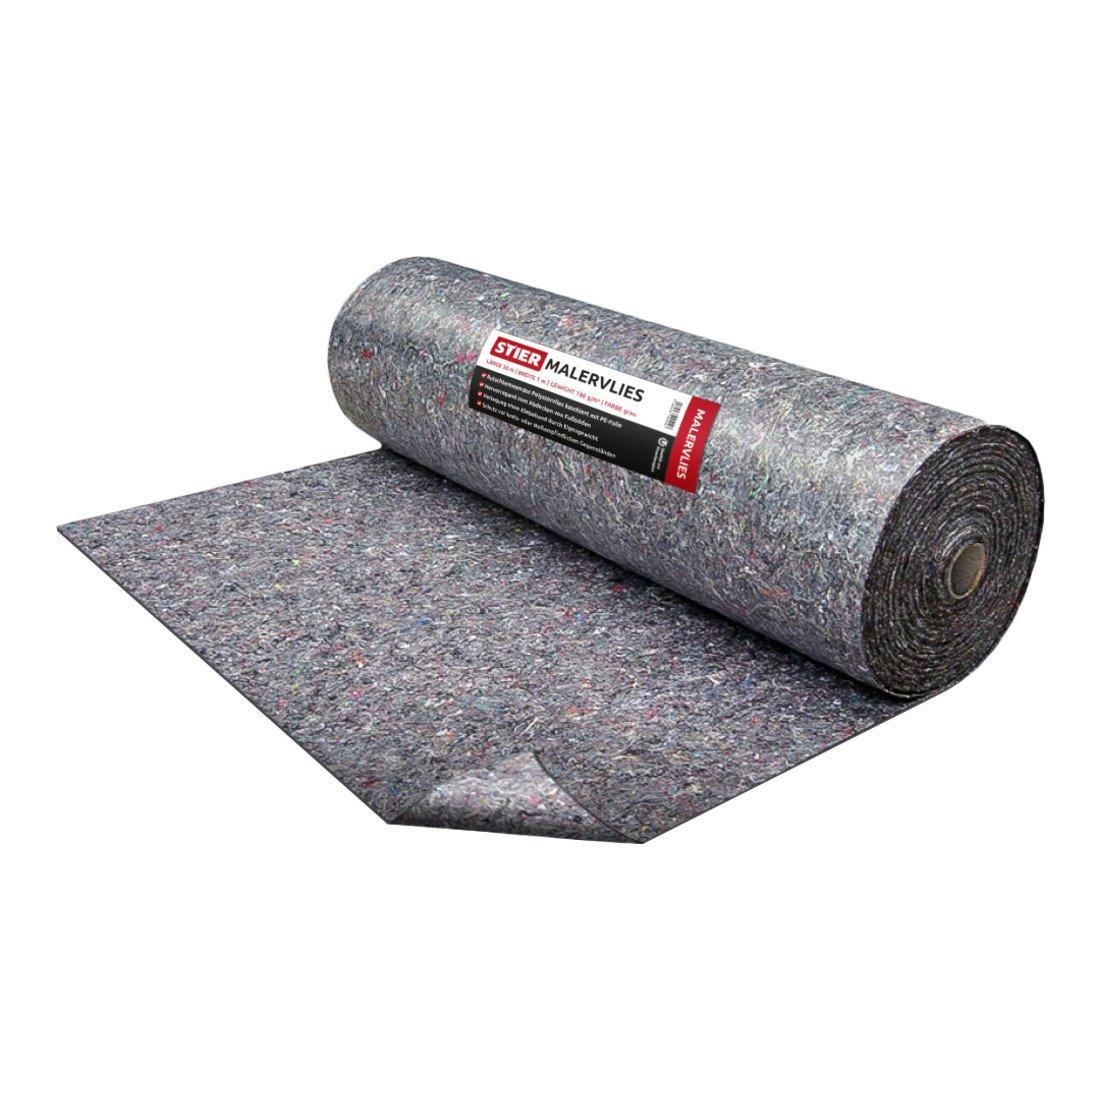 Stier Feltro protettivo per pittura in tessuto non tessuto I Peso 200/g//m/² I 1/m x 50/m I Protezione per superfici in tessuto non tessuto di qualit/à Premium grigio I Rivestimento antiscivolo in polietilene